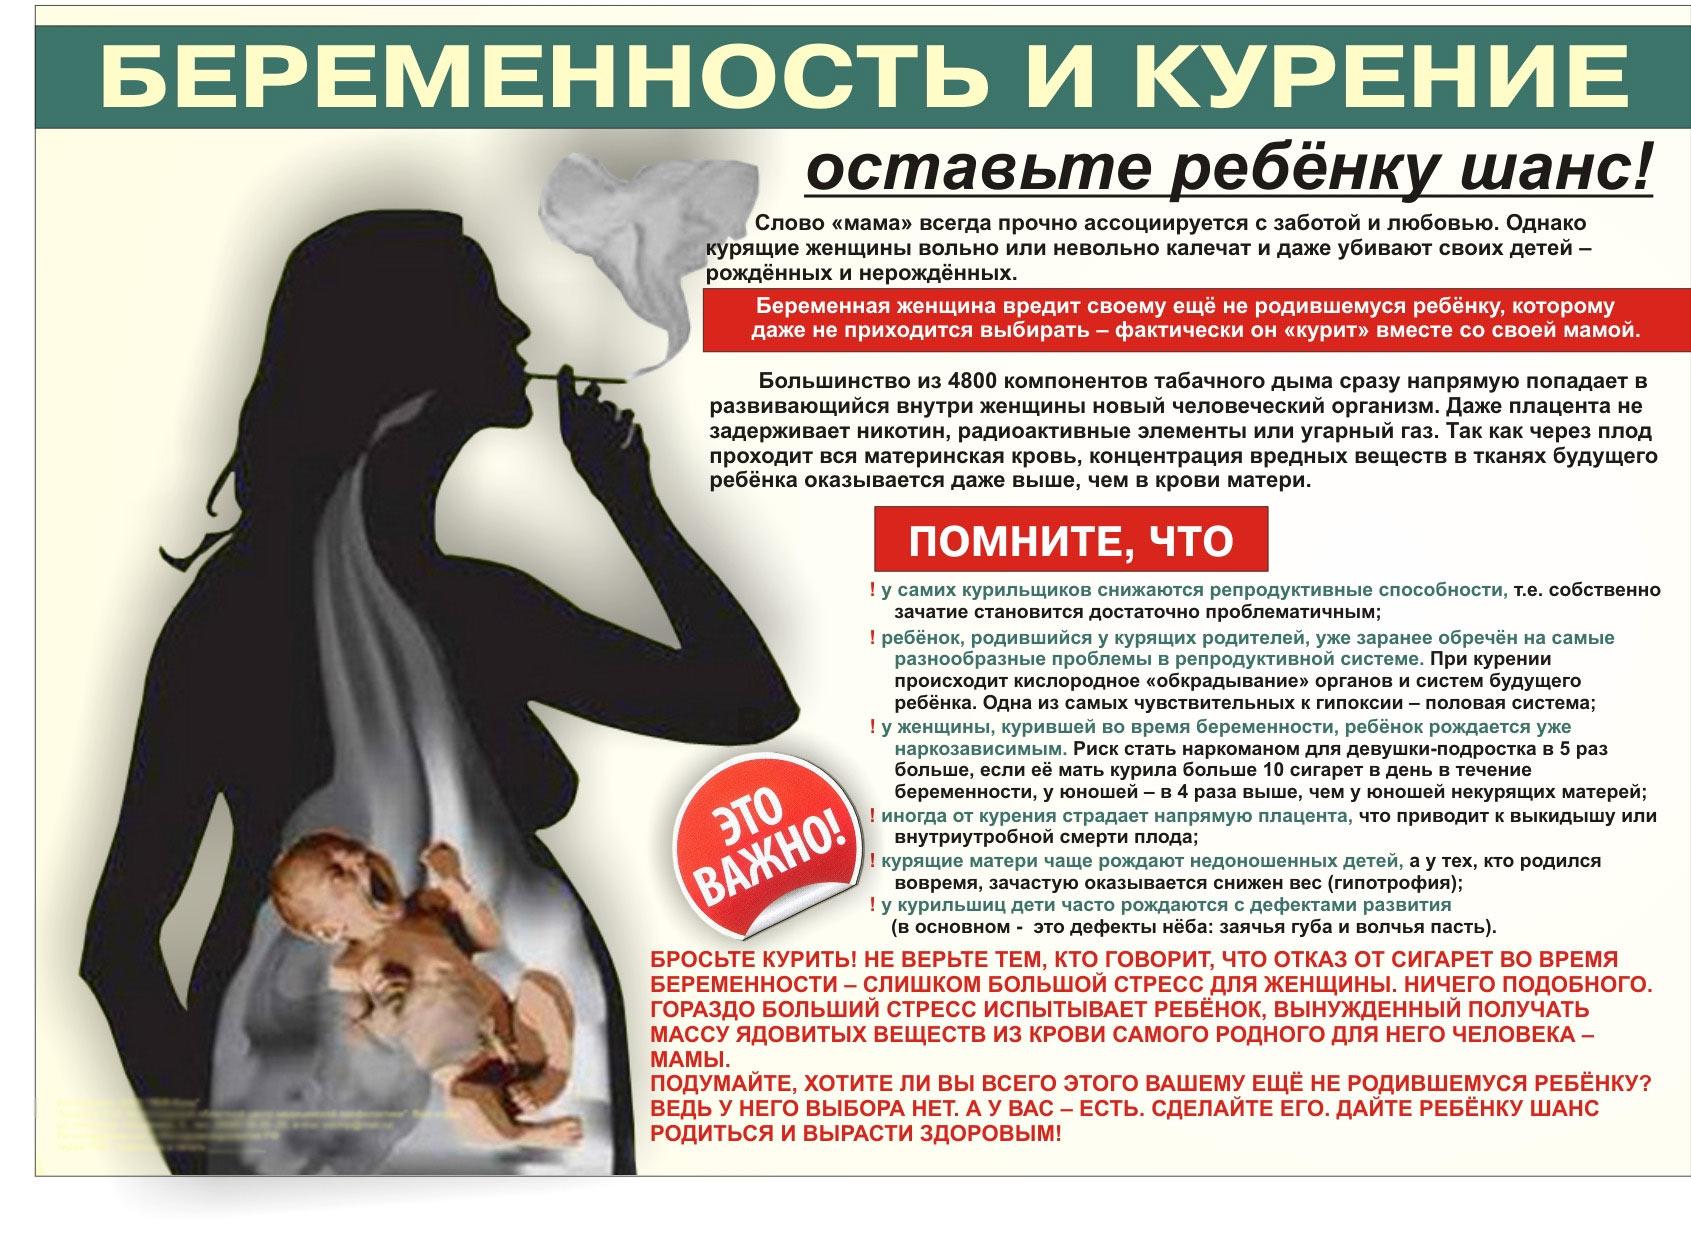 Курение во время беременности детей